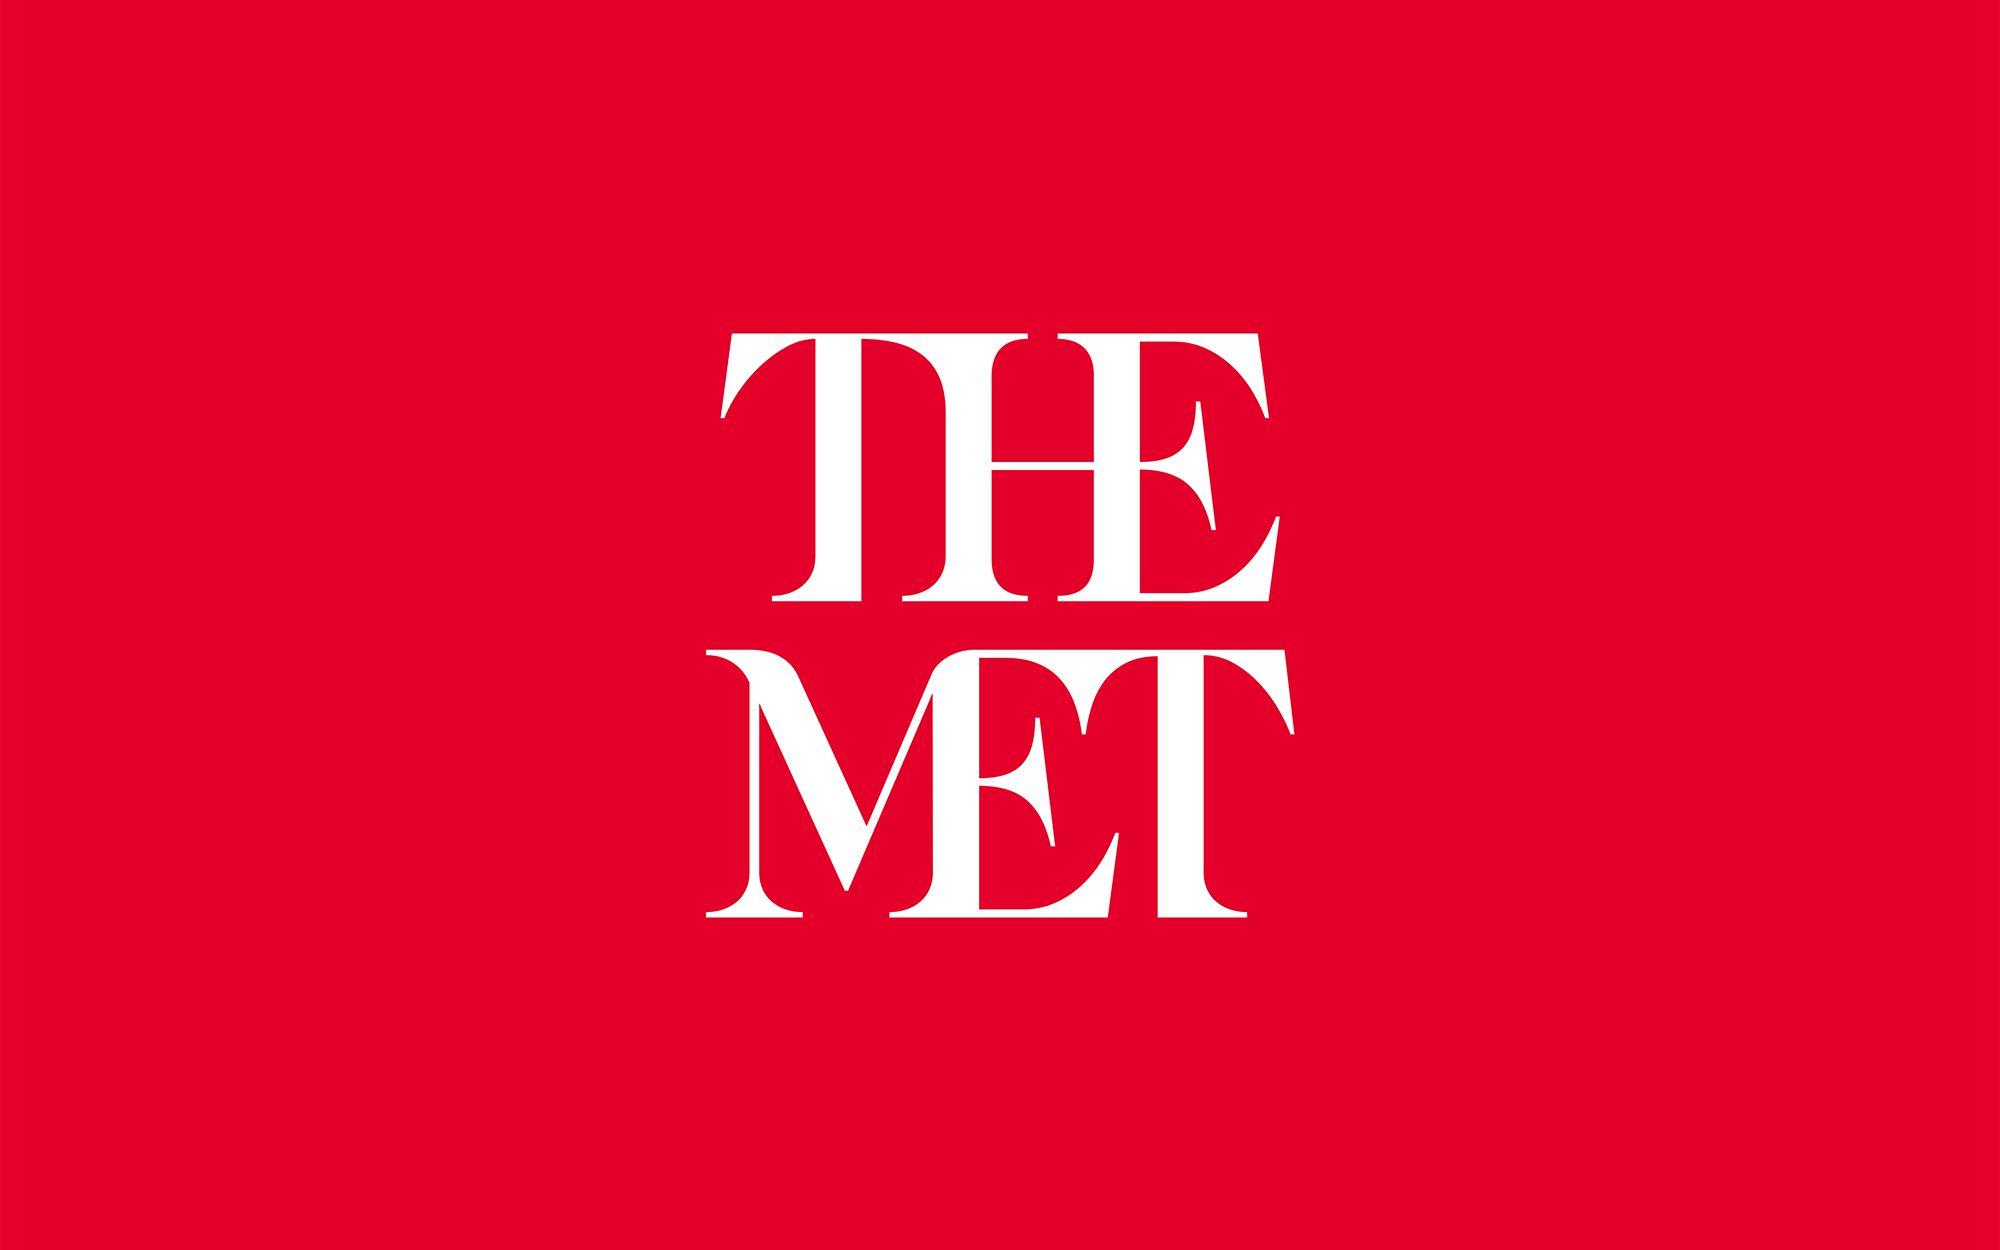 The MET-logo